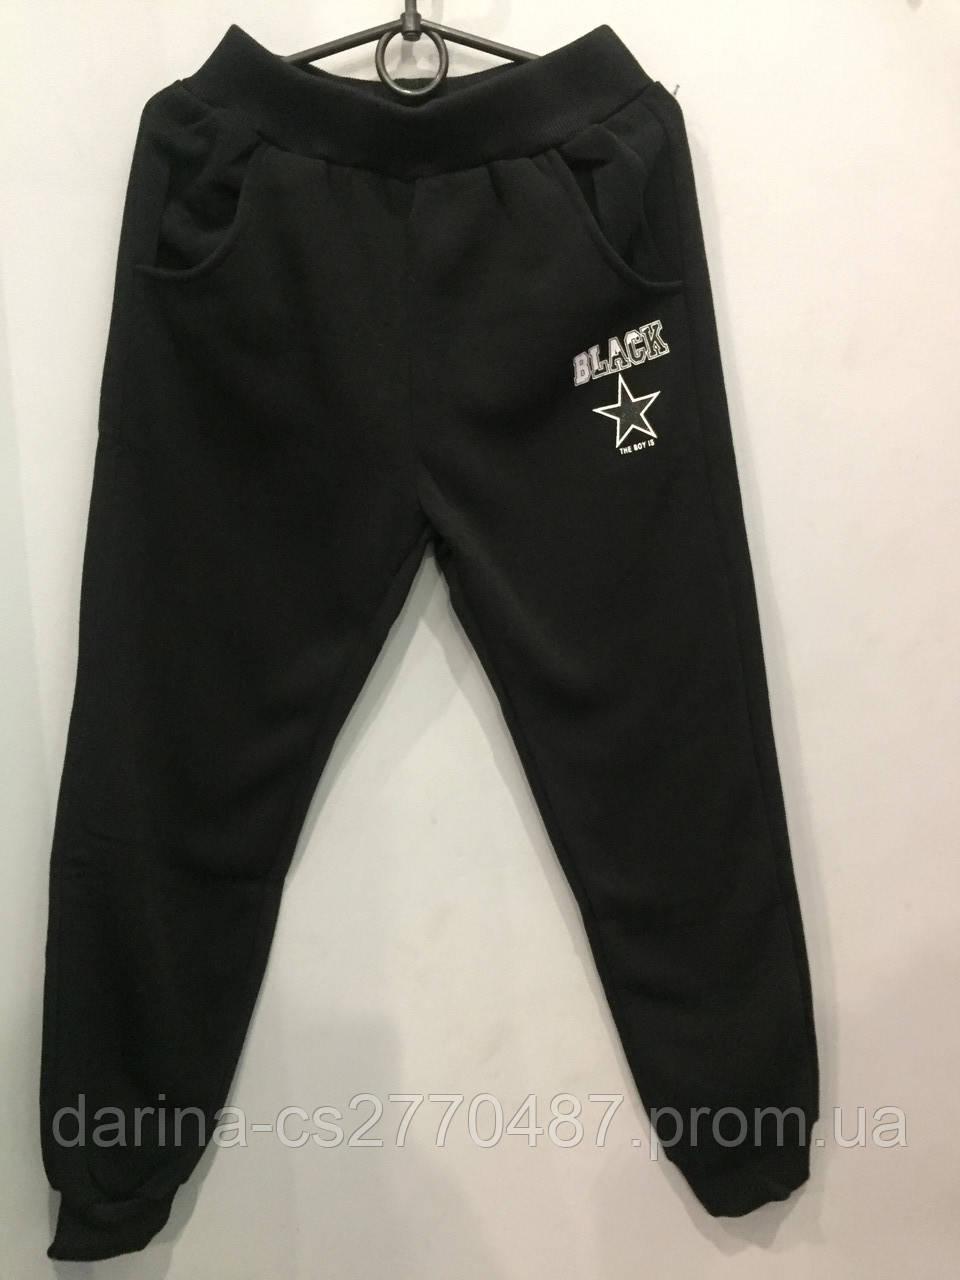 Теплые спортивные штаны для мальчика 134 см